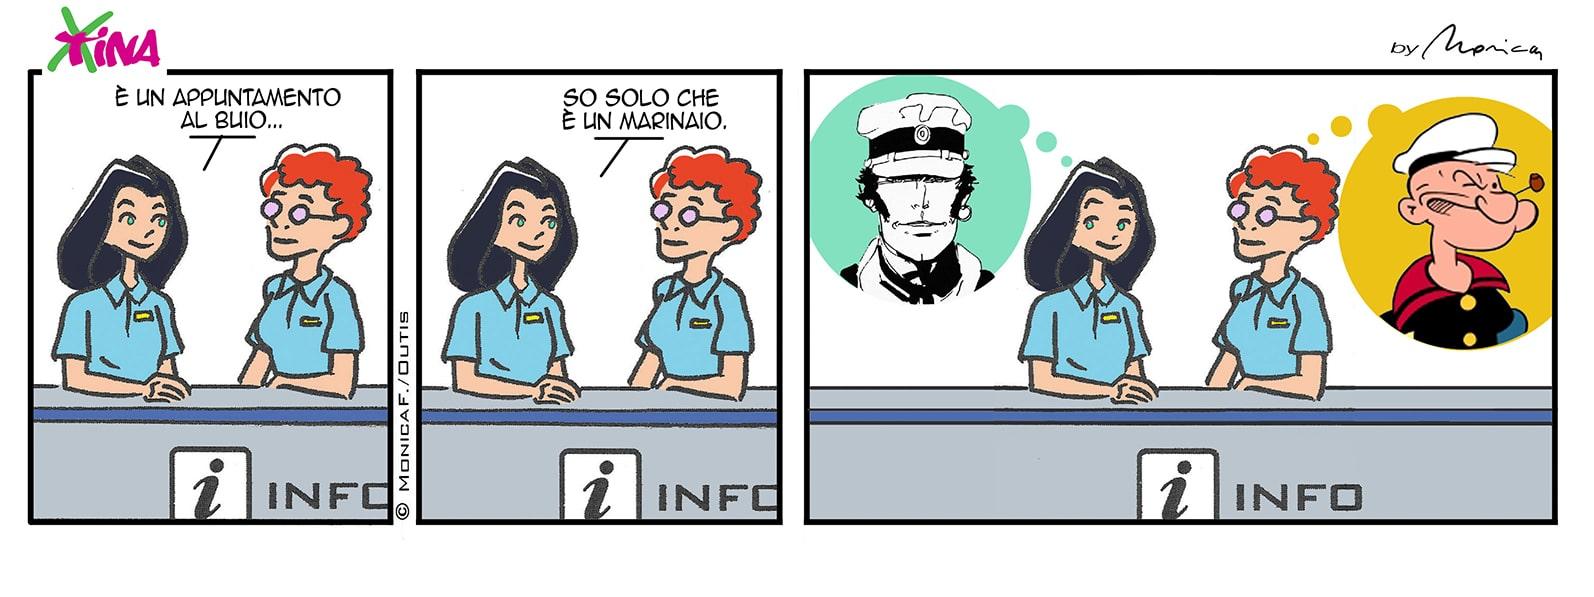 Xtina comic strip marinai